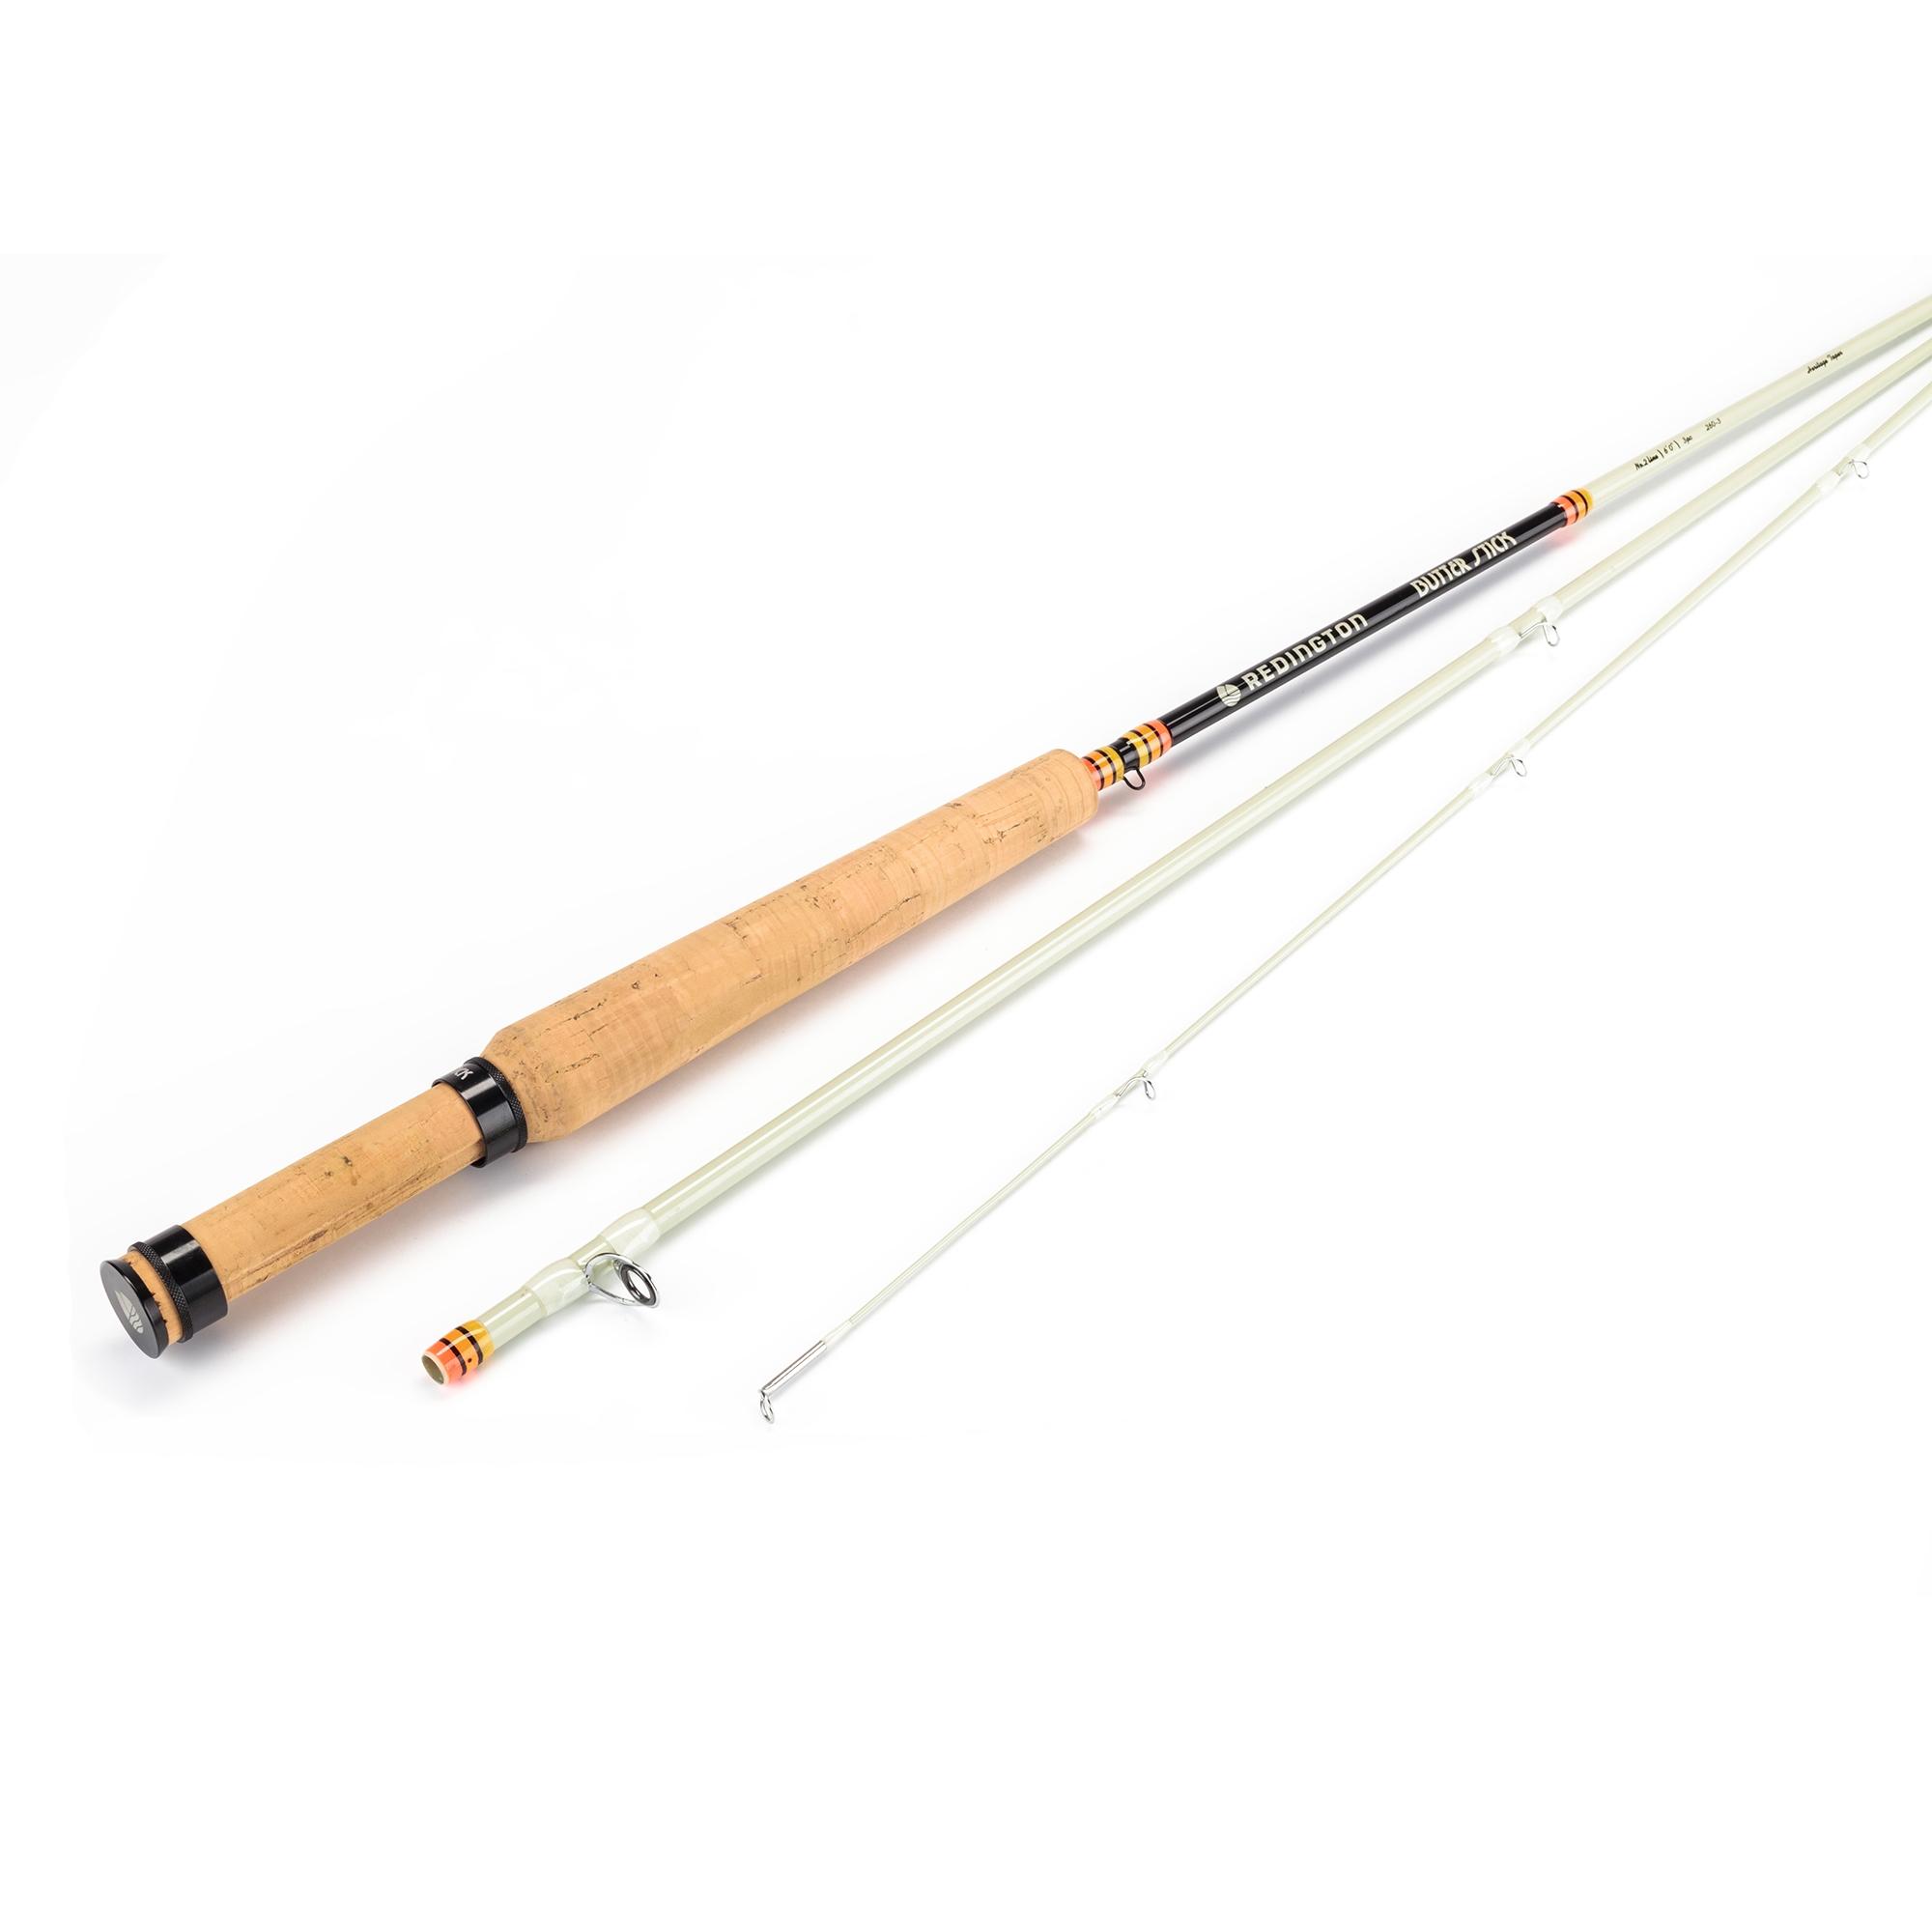 Redington Butter Stick Fly Rod